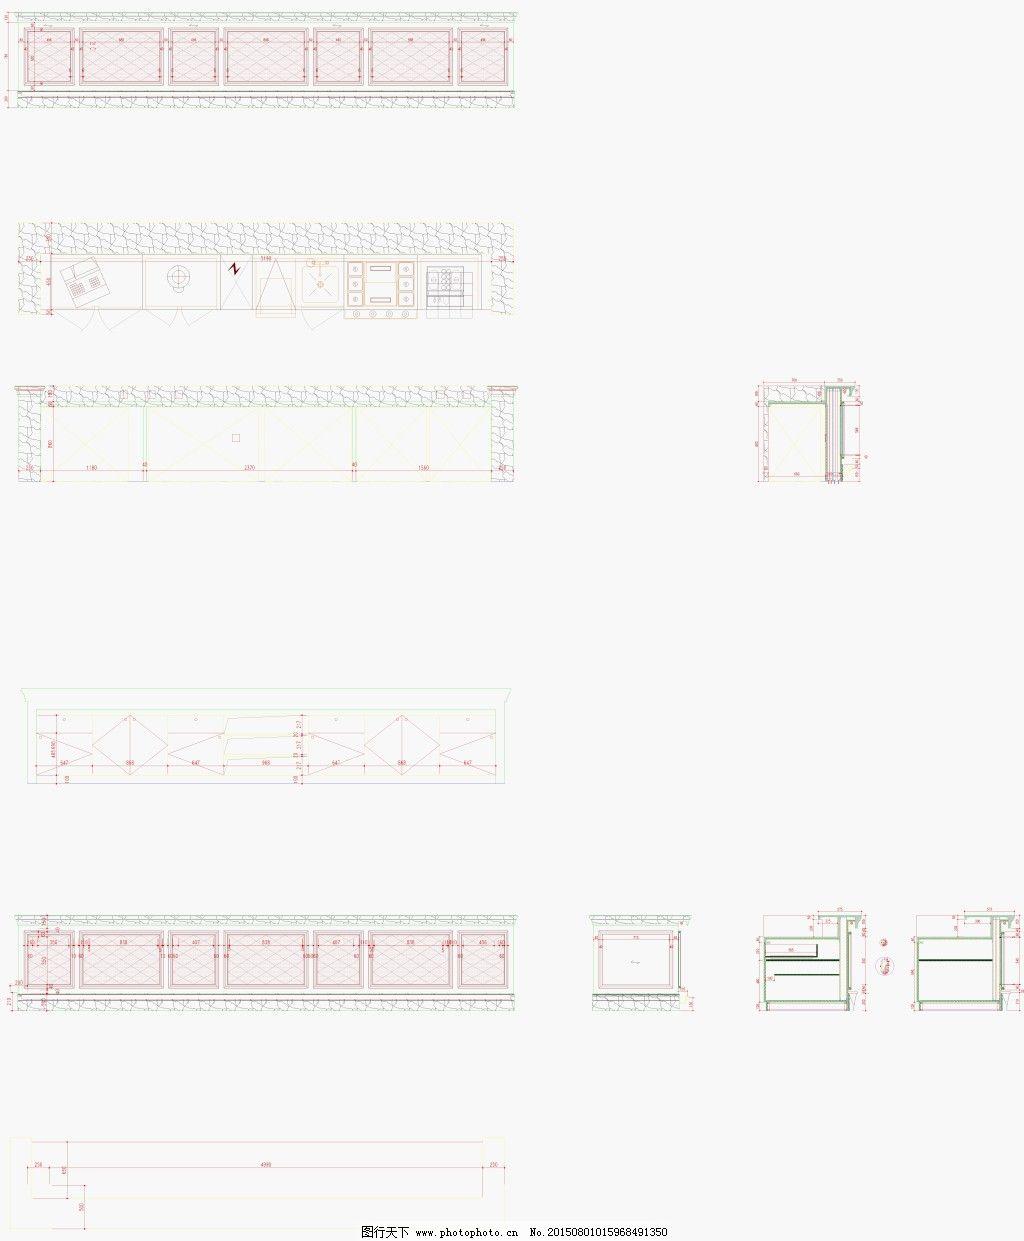 cad图纸 建筑设计 模型 平面图 剖面图 其他 施工图 素材 酒吧吧台